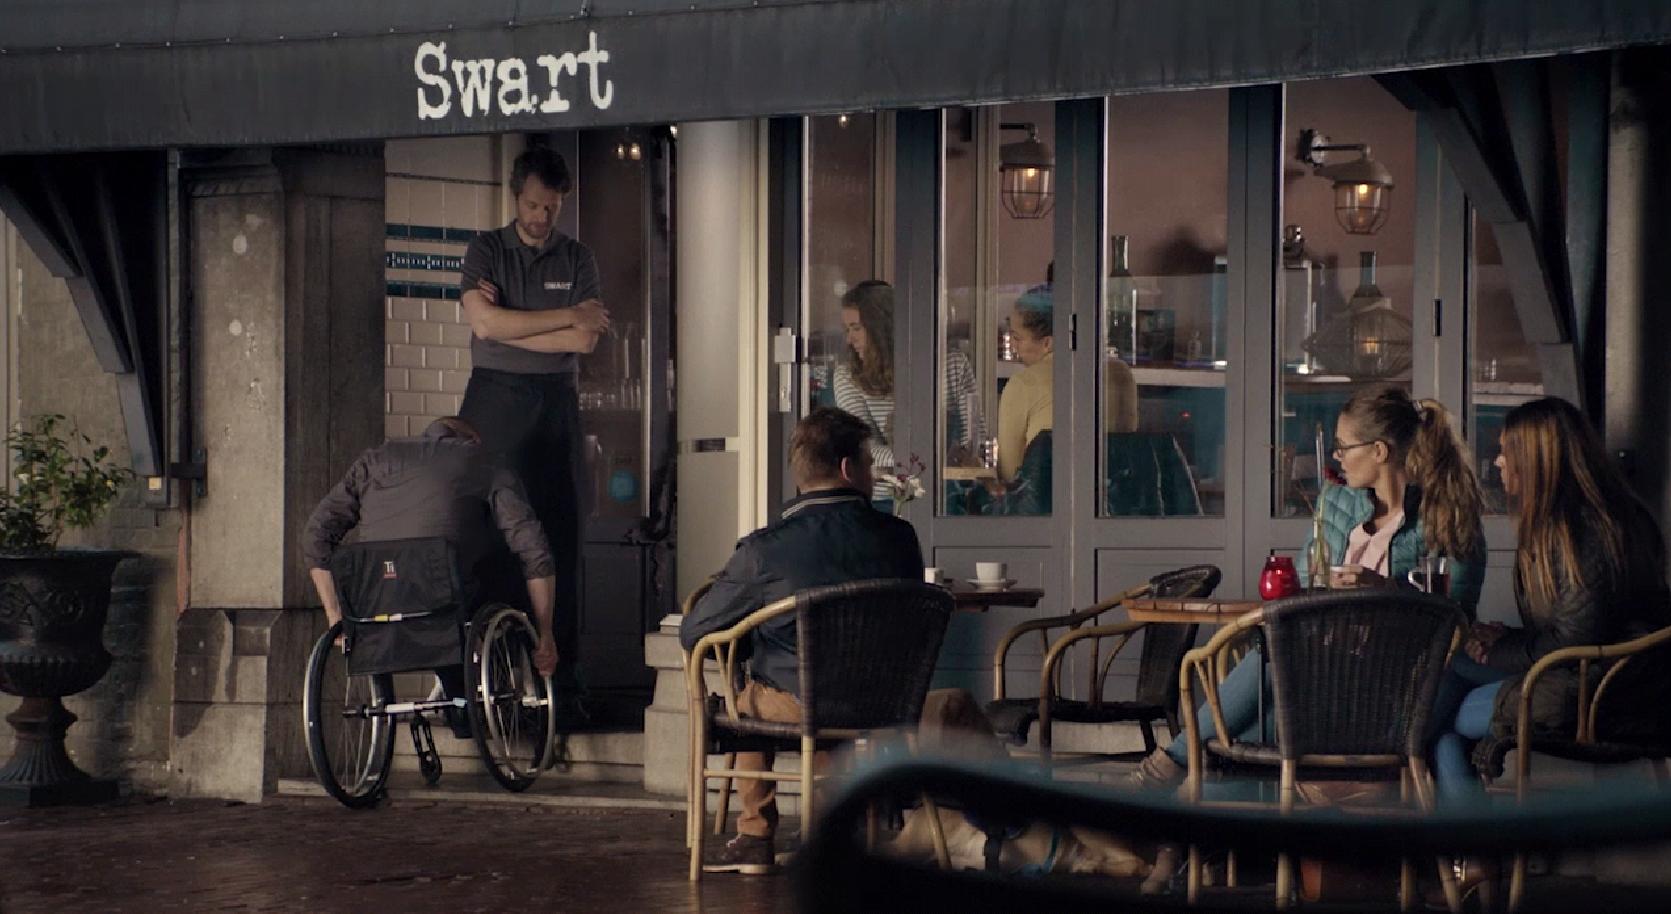 Cafe Swart